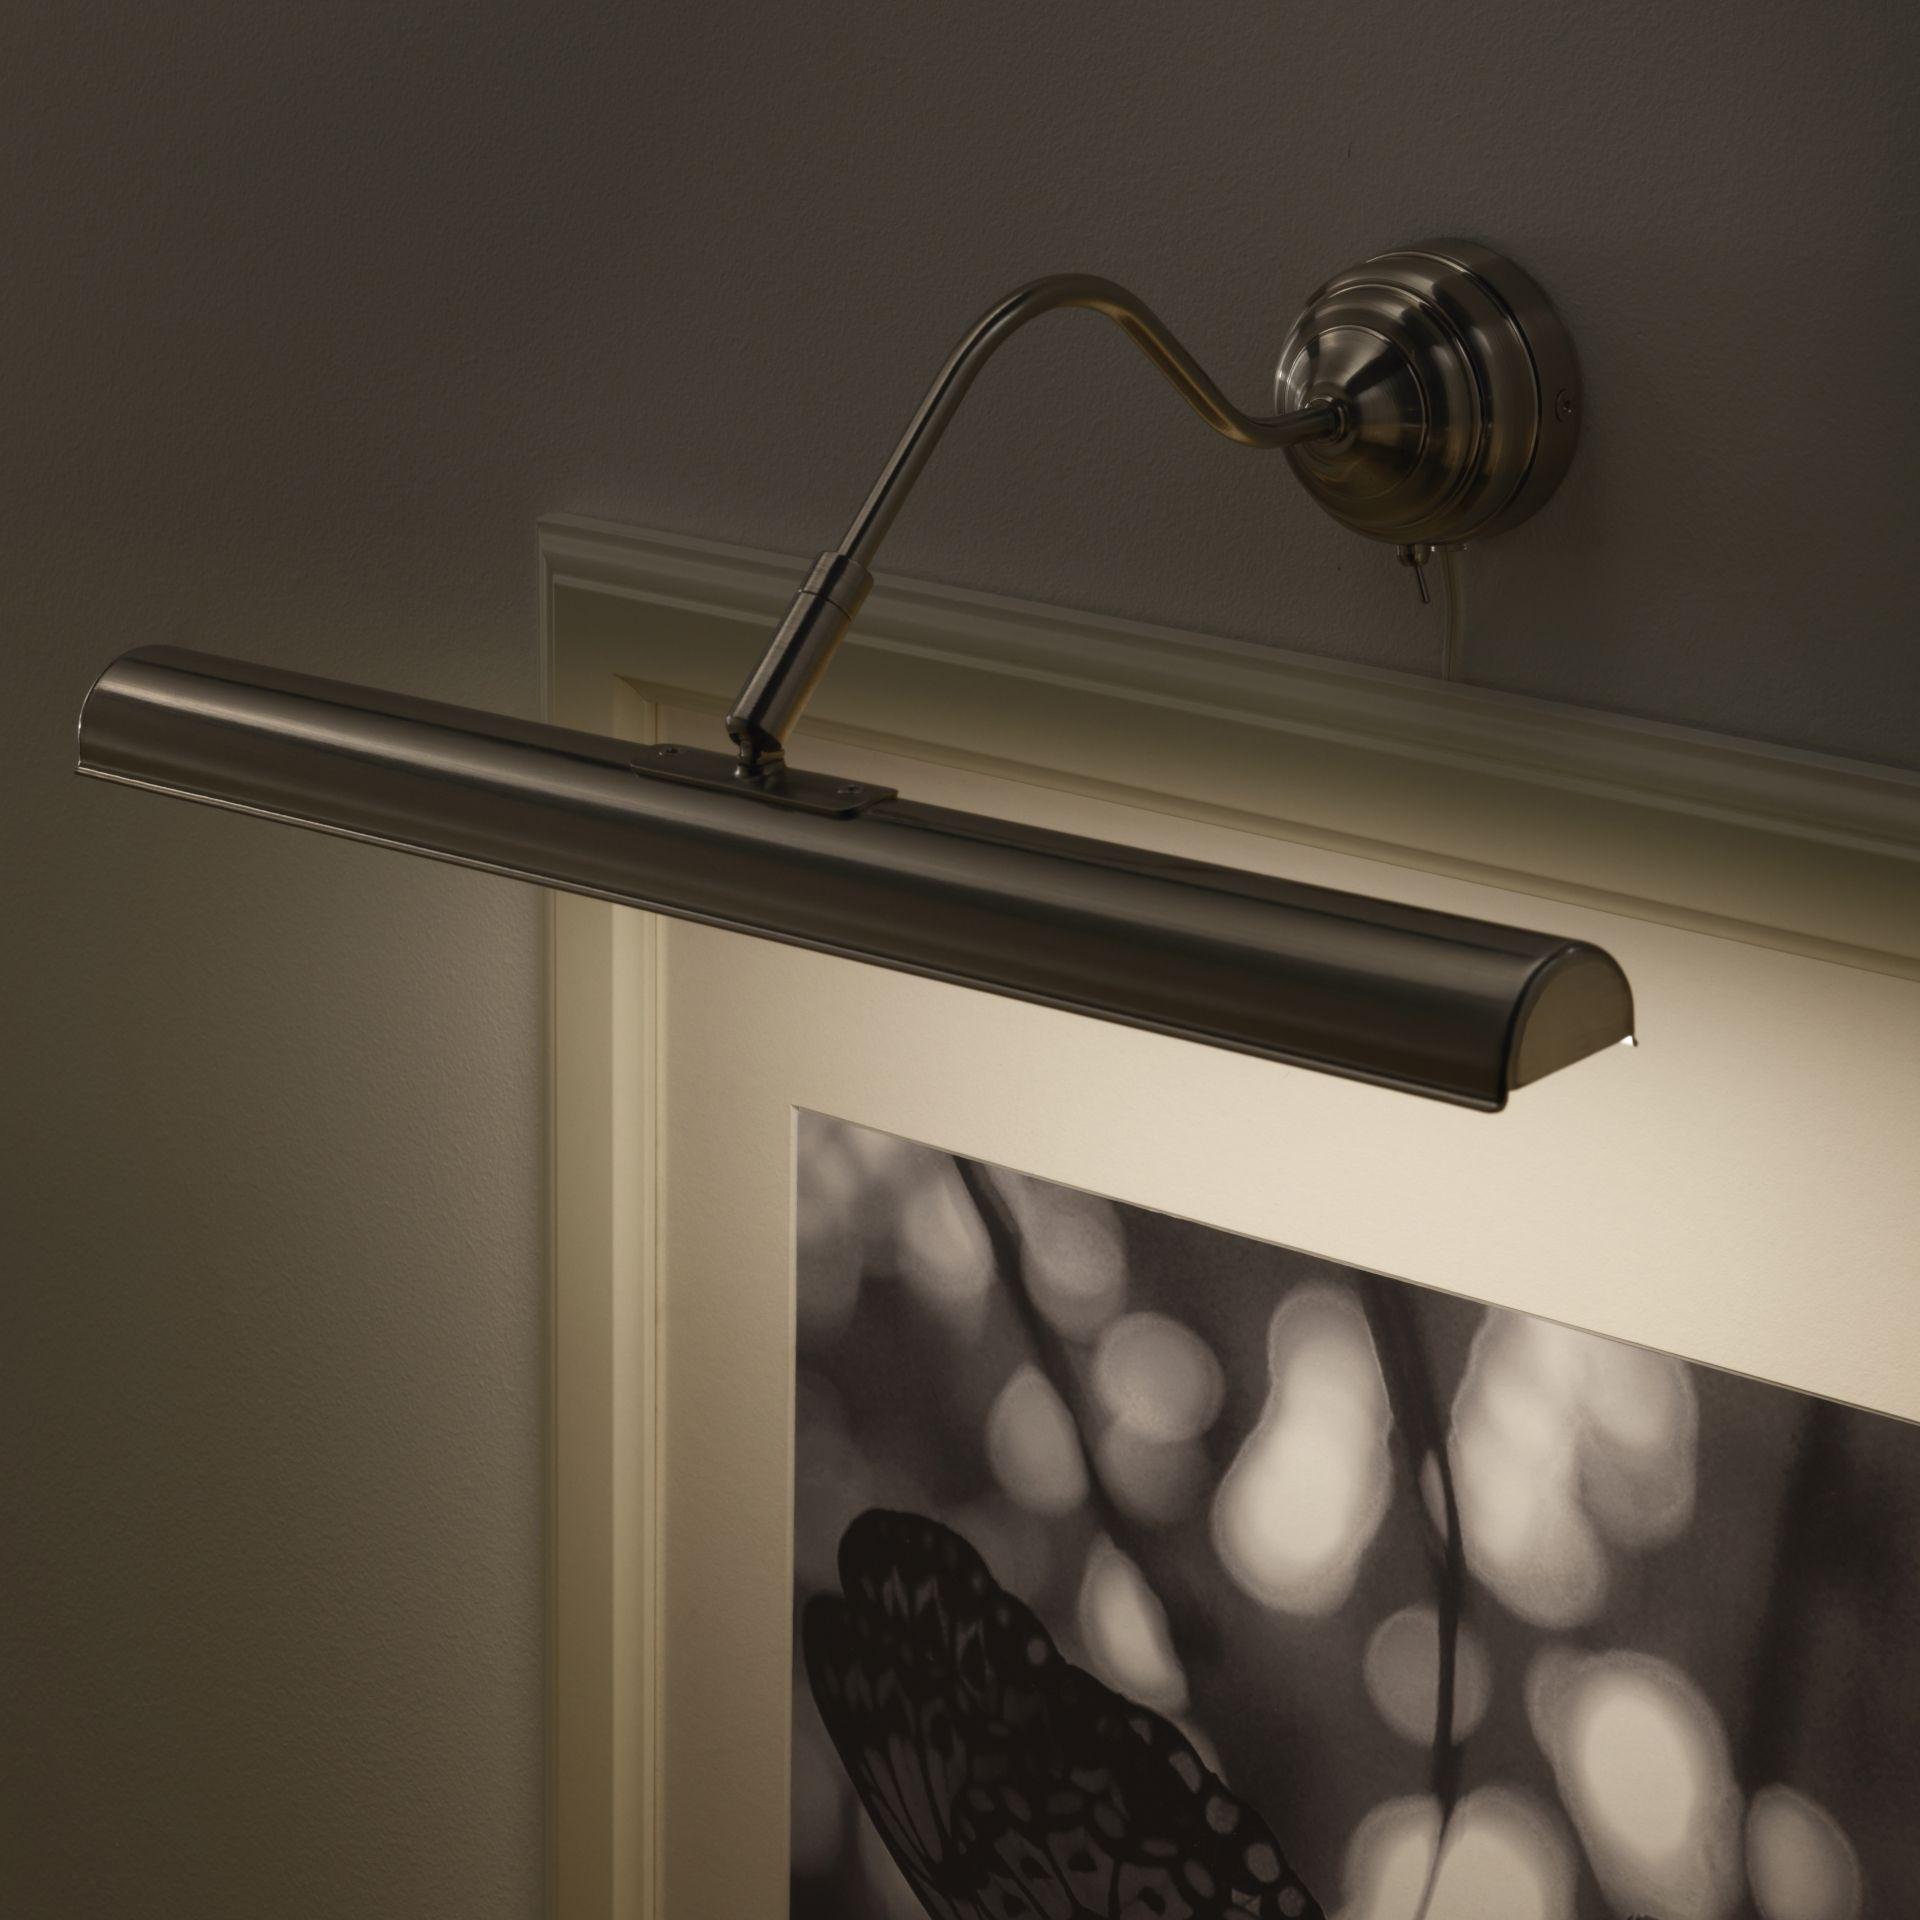 Muebles Colchones Y Decoracion Compra Online Bombillas Incandescentes Luces Para Cuadros Lamparas De Pared